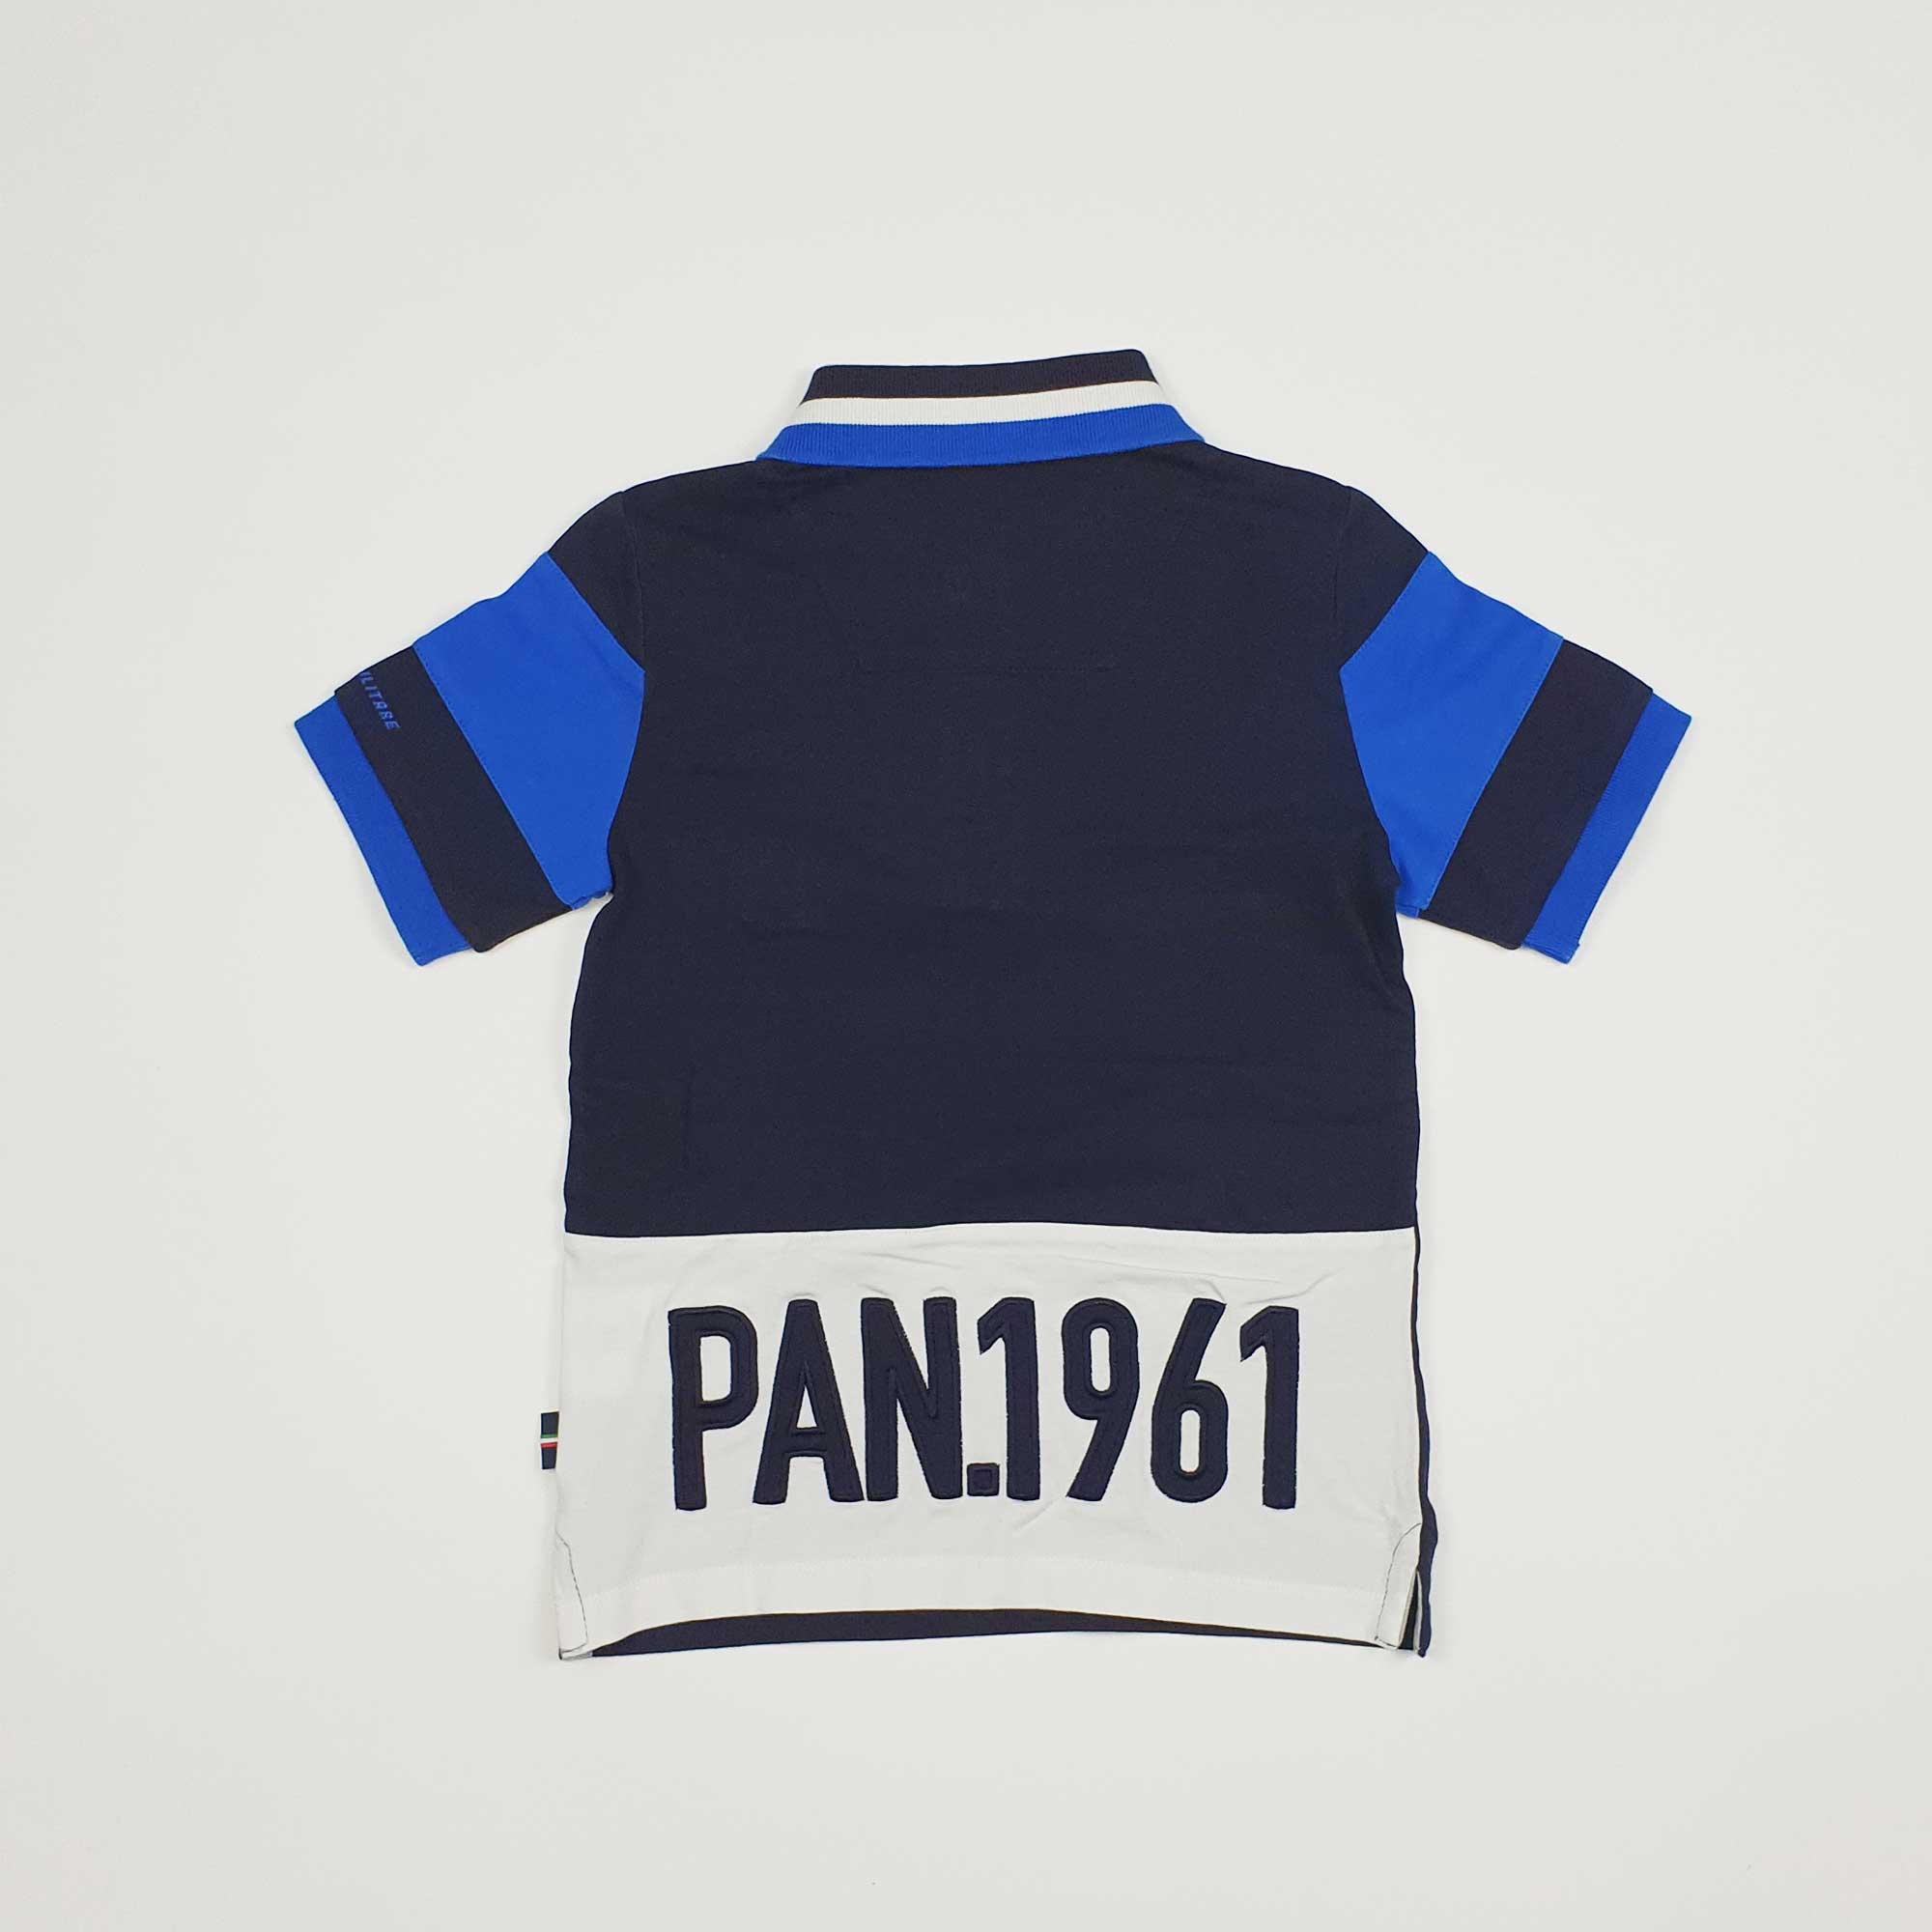 Polo PAN 1961- Blu